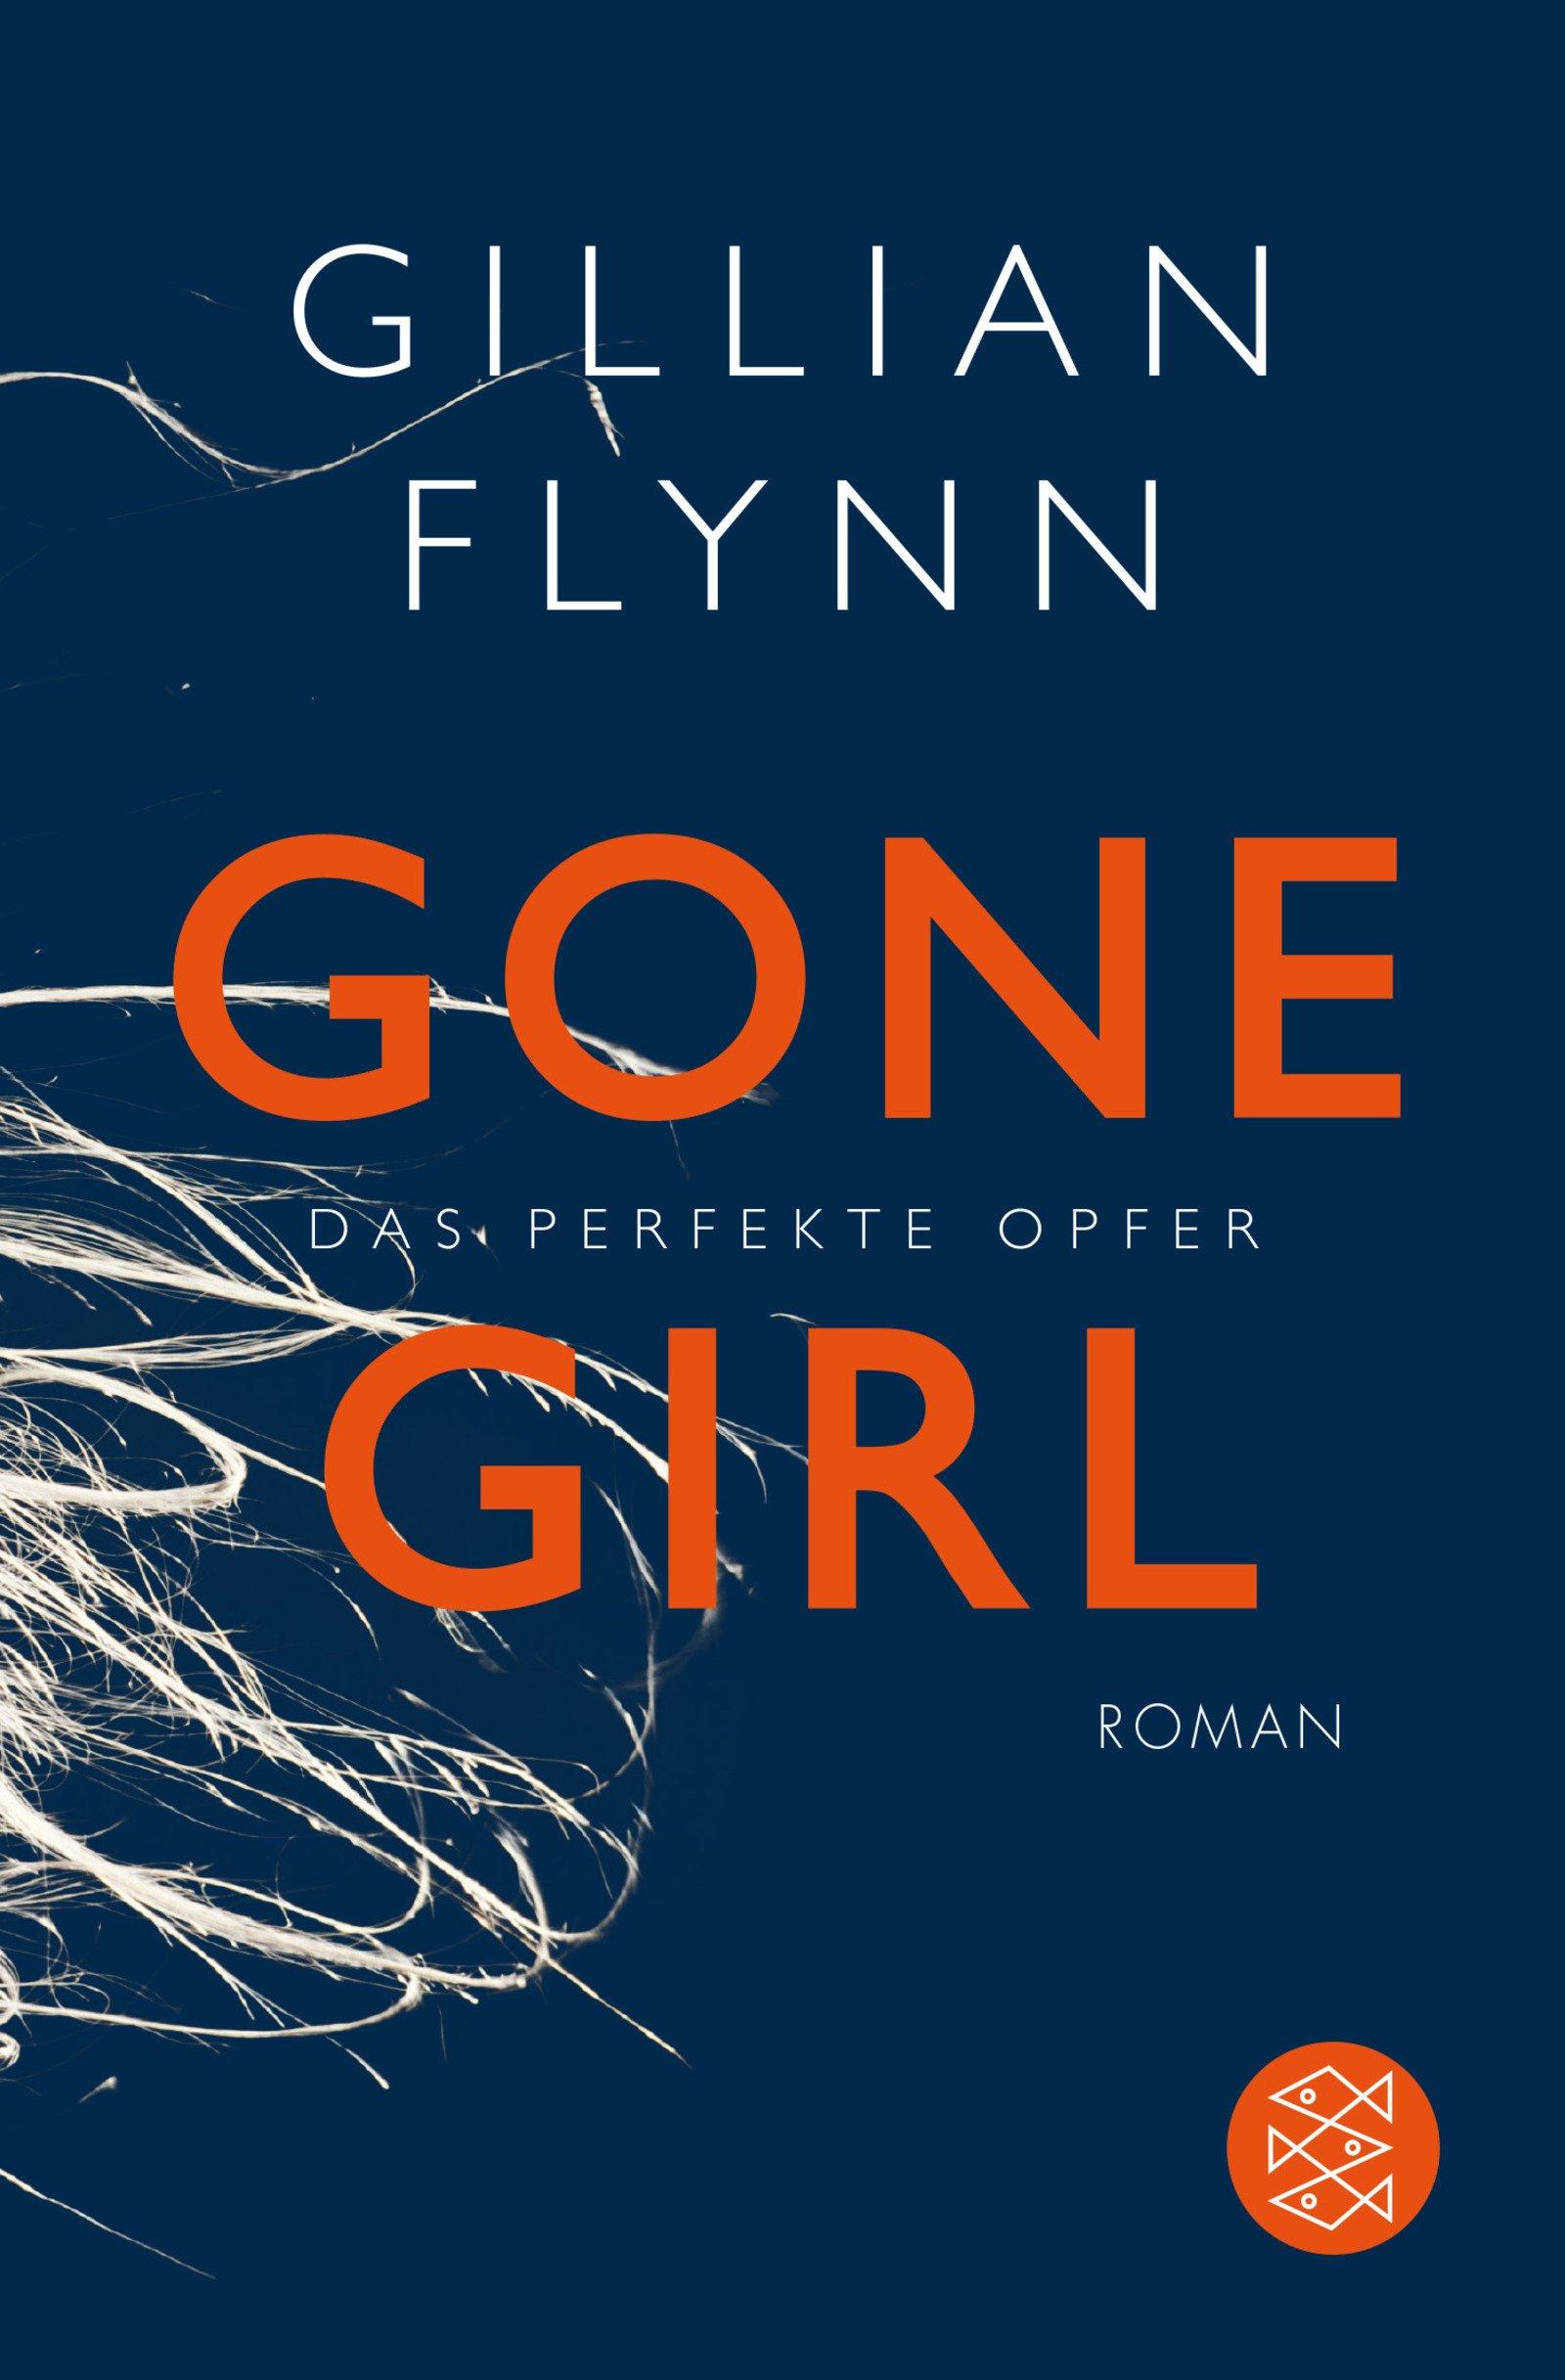 http://www.amazon.de/Gone-Girl-perfekte-Opfer-Roman/dp/3596188784/ref=sr_1_3?ie=UTF8&qid=1439974071&sr=8-3&keywords=gone+girl